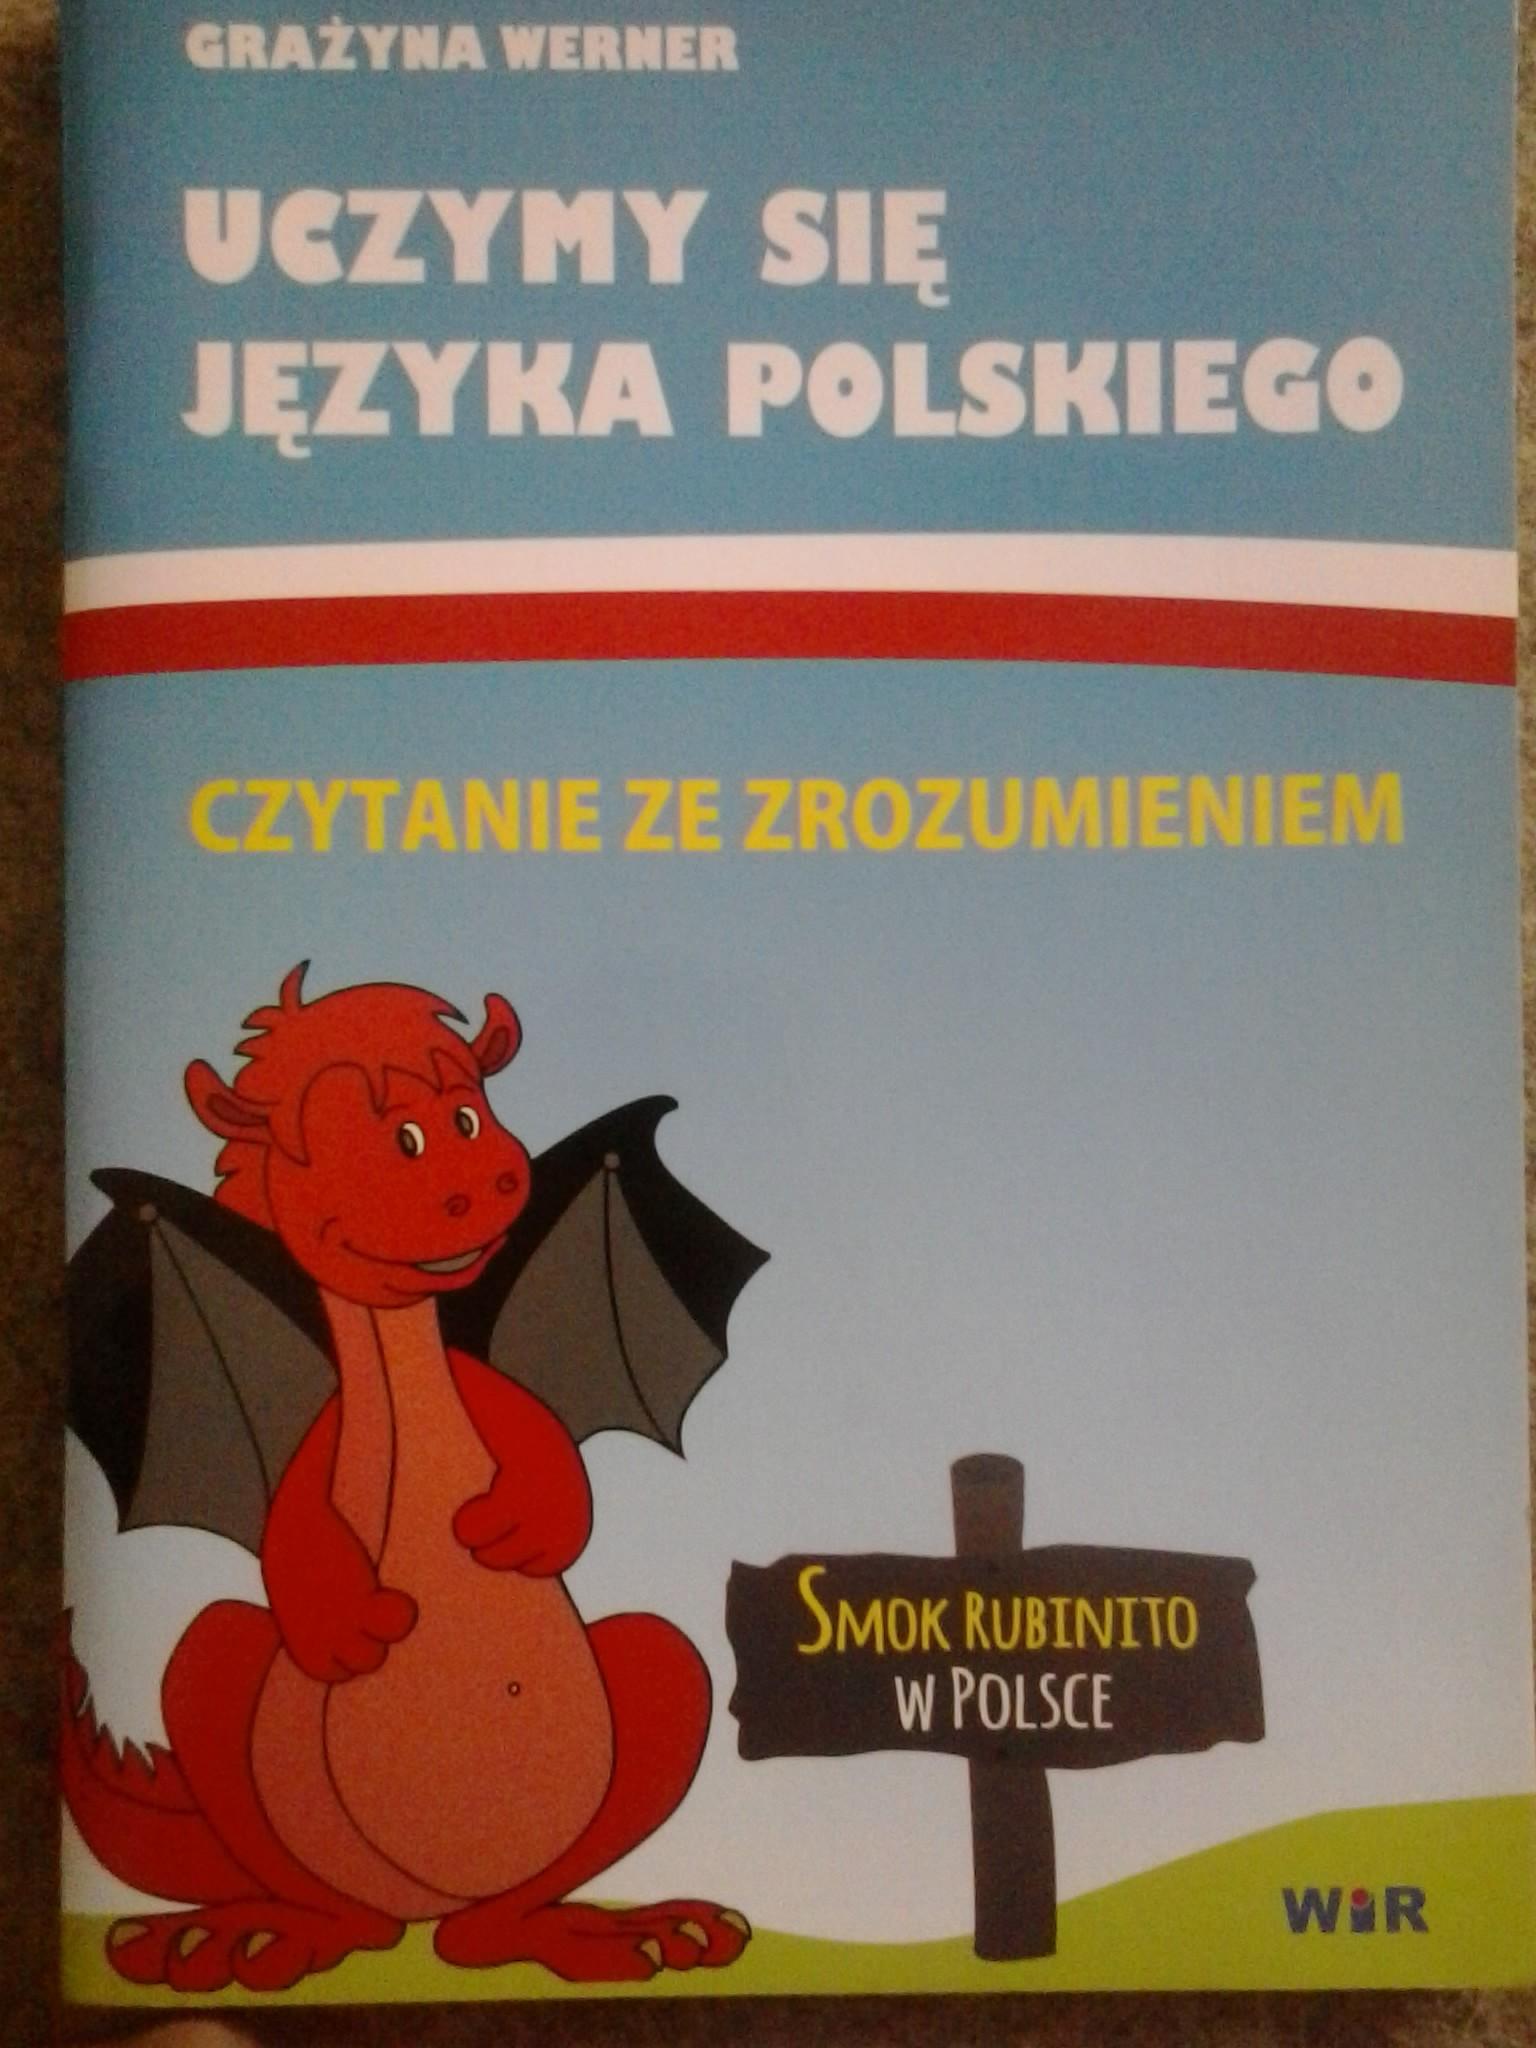 Smok Rubinito w Polsce. Książka dla dwujęzycznych